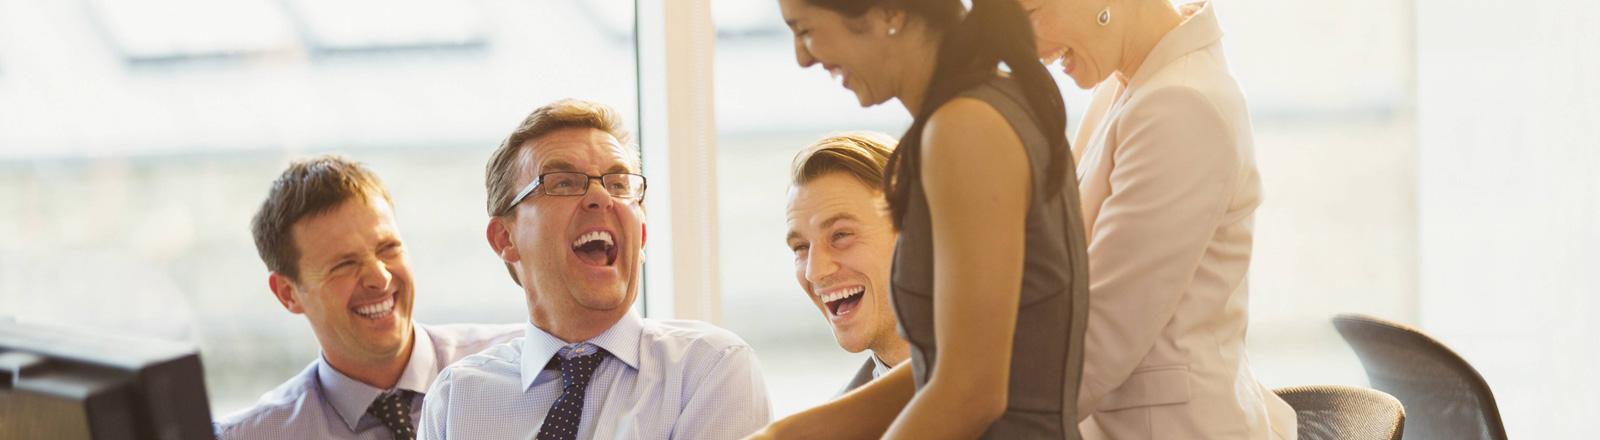 Lachende Büromitarbeiter